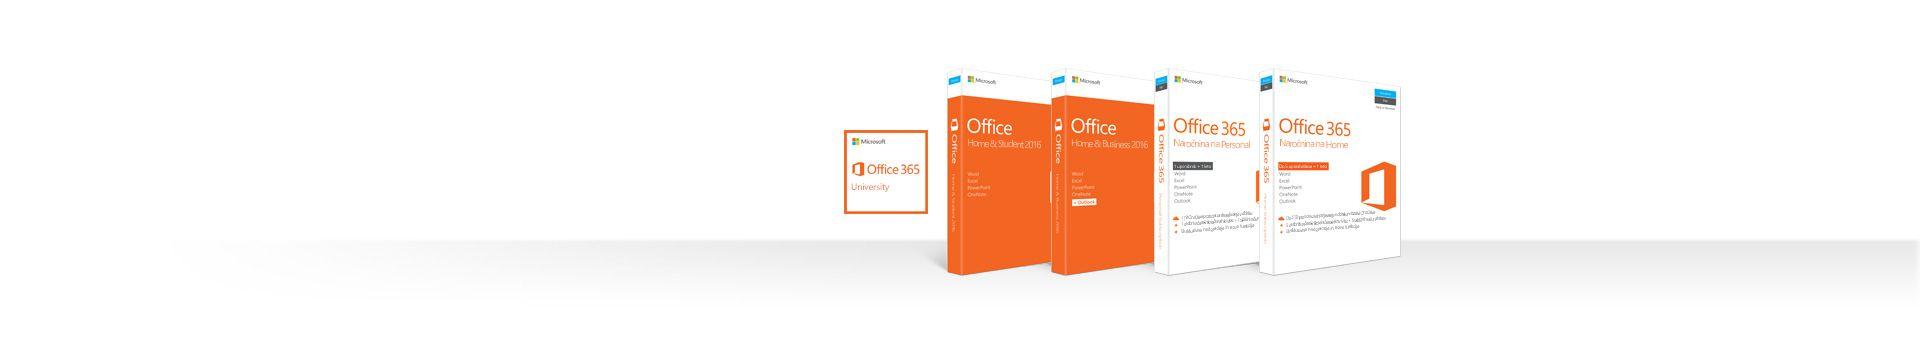 Vrstica polj izdelkov sistema Office 2016 in storitve Office 365 za računalnike Mac